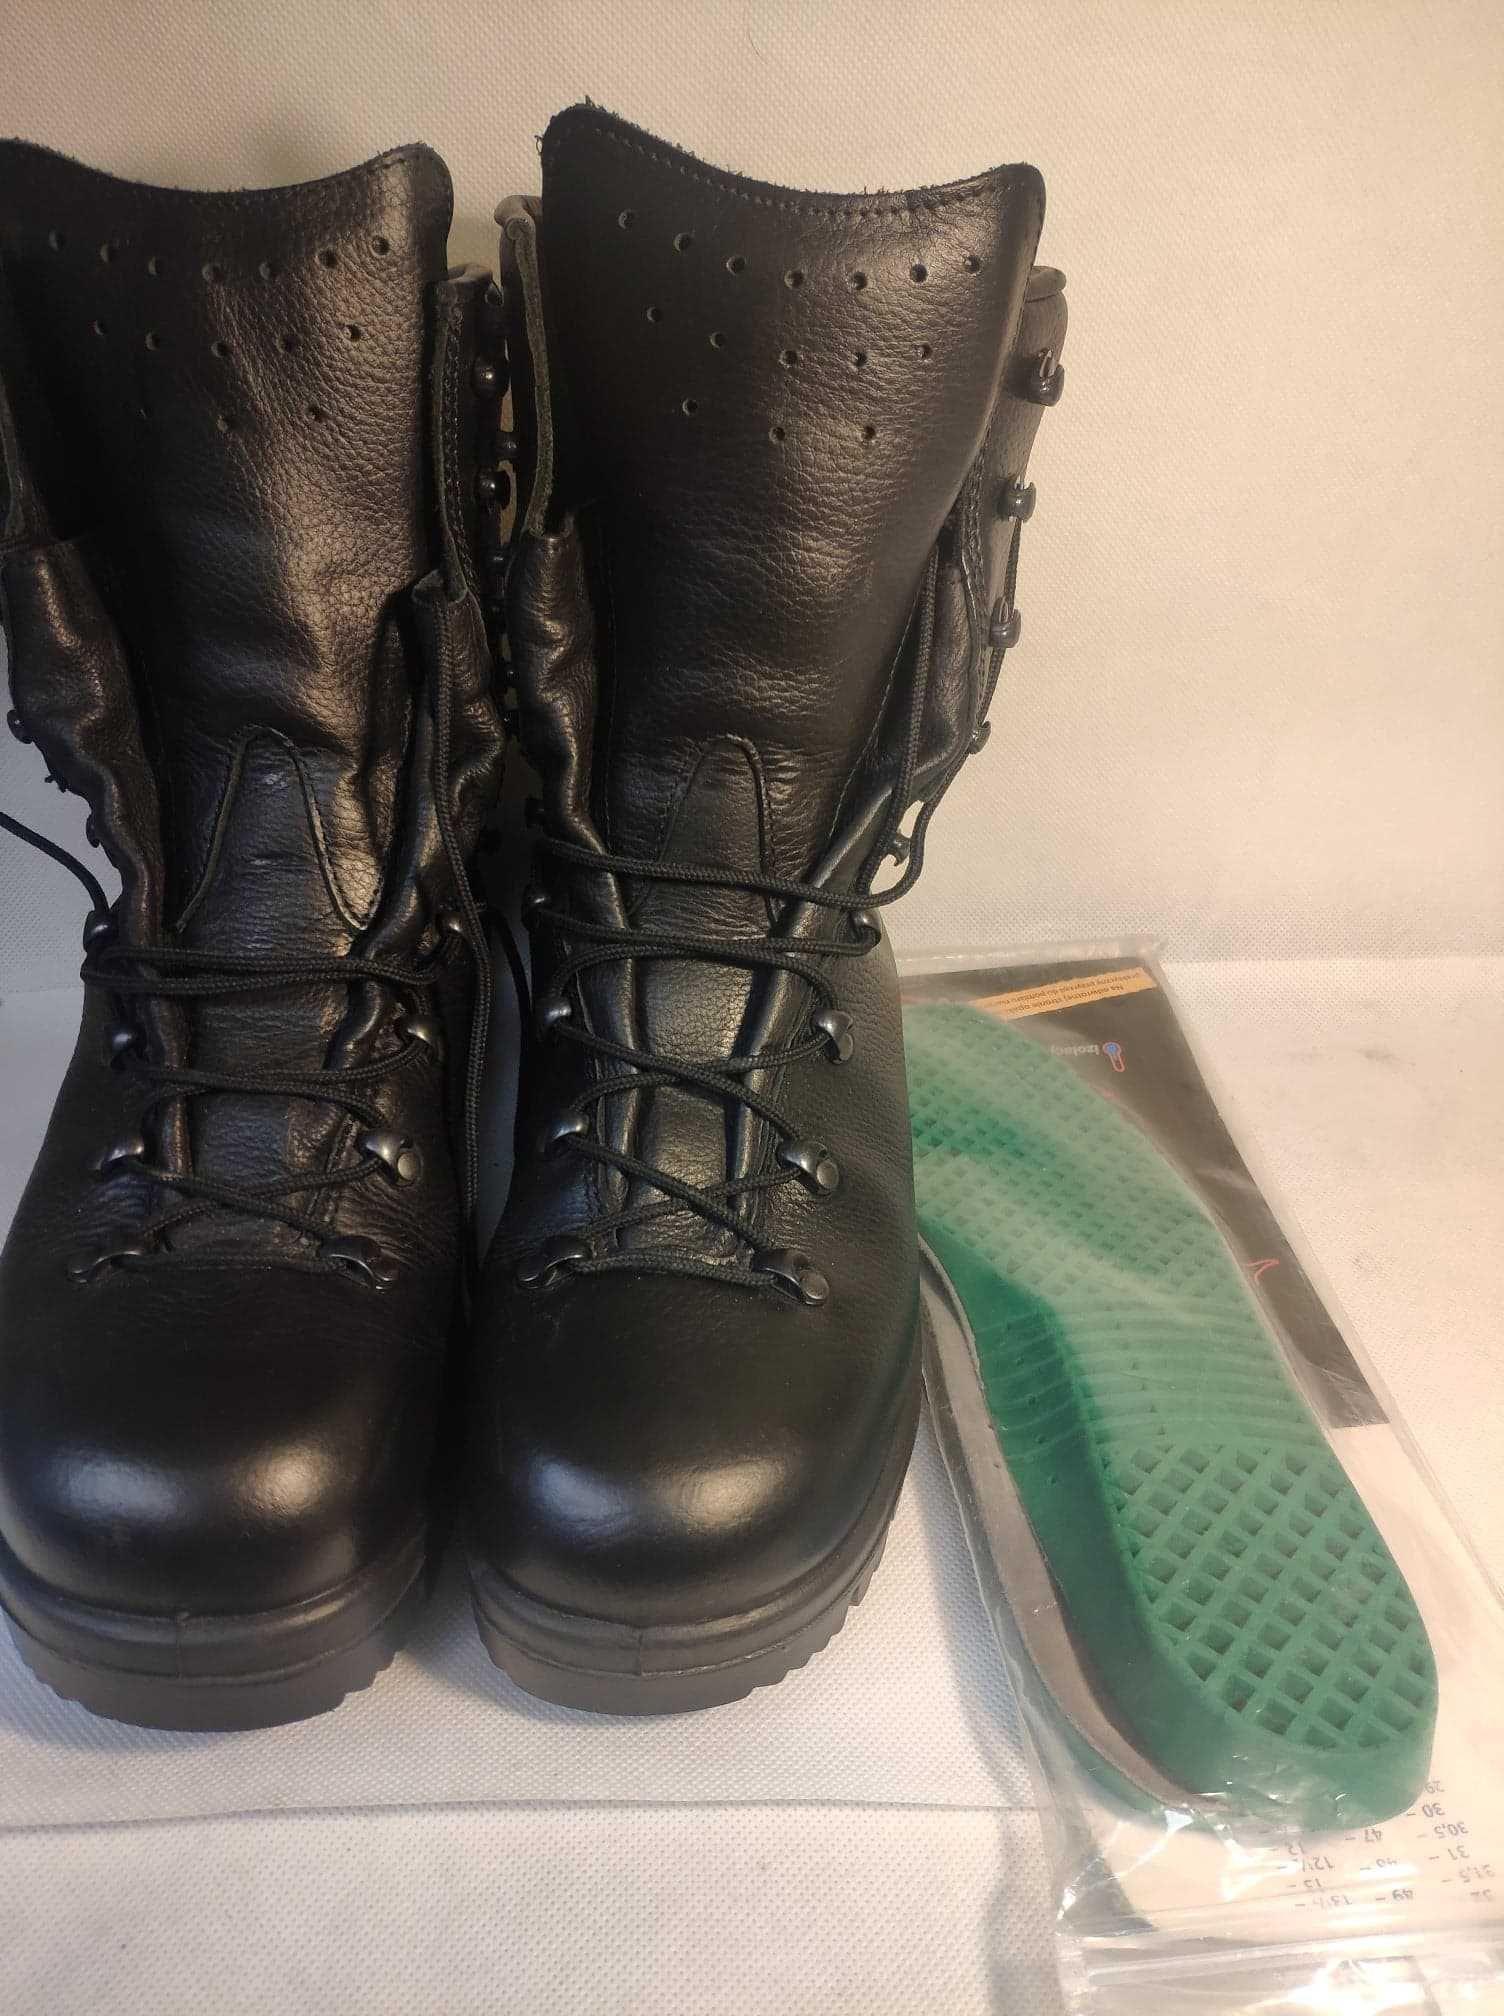 Buty wojskowe Demar 933/MON r.42 nowe; Lombard Jasło Igielna